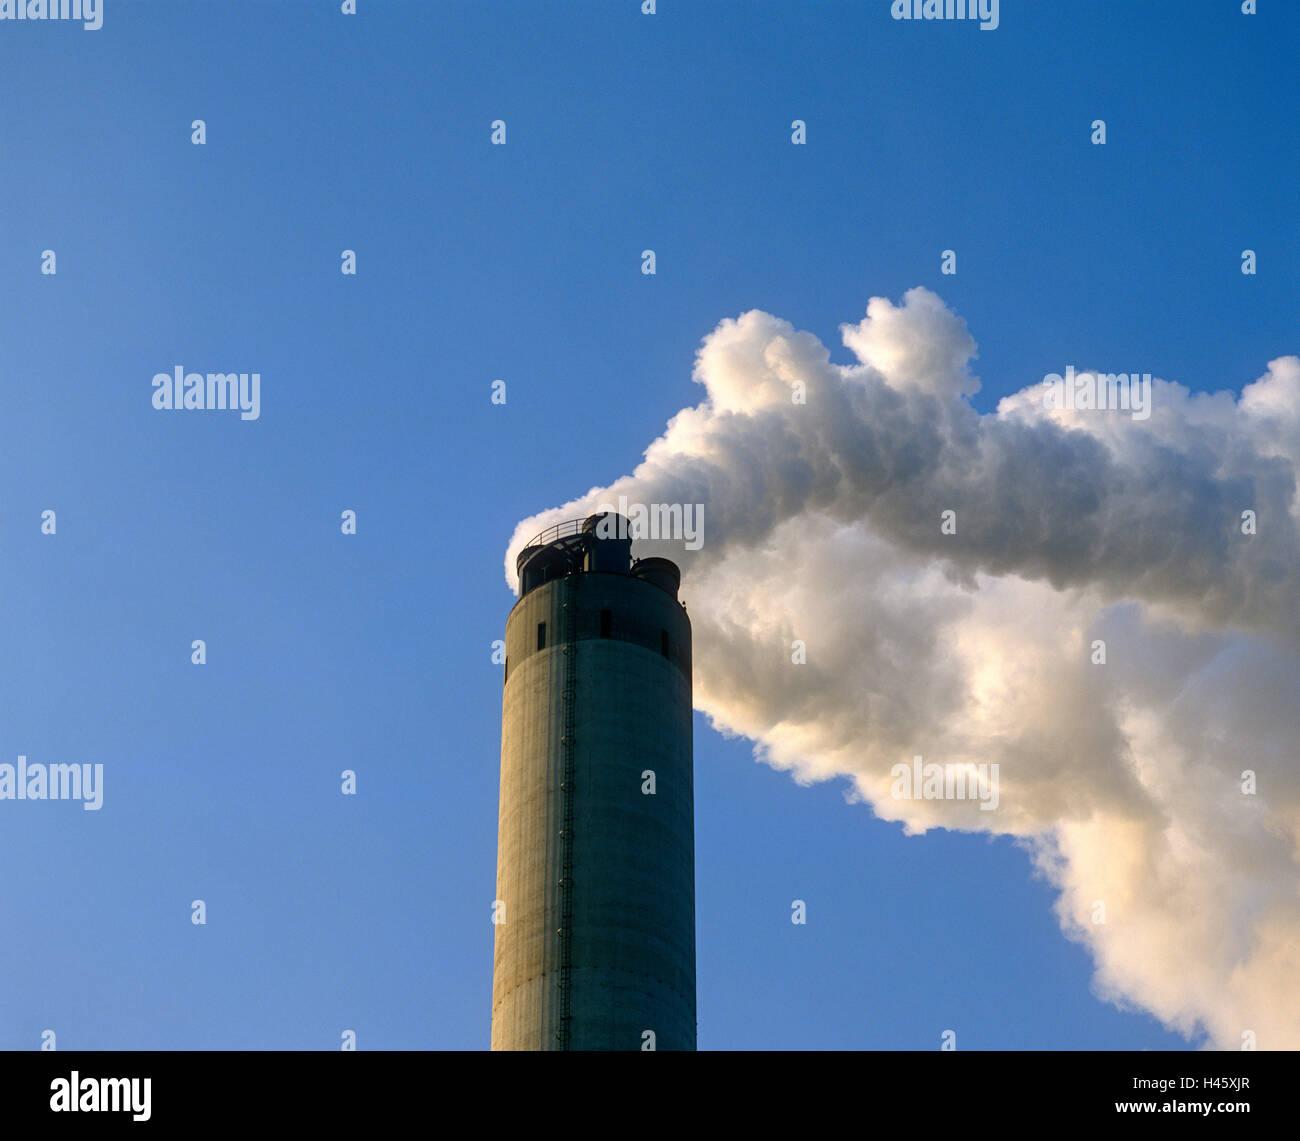 Rauch aus einem industriellen Turm Stockbild